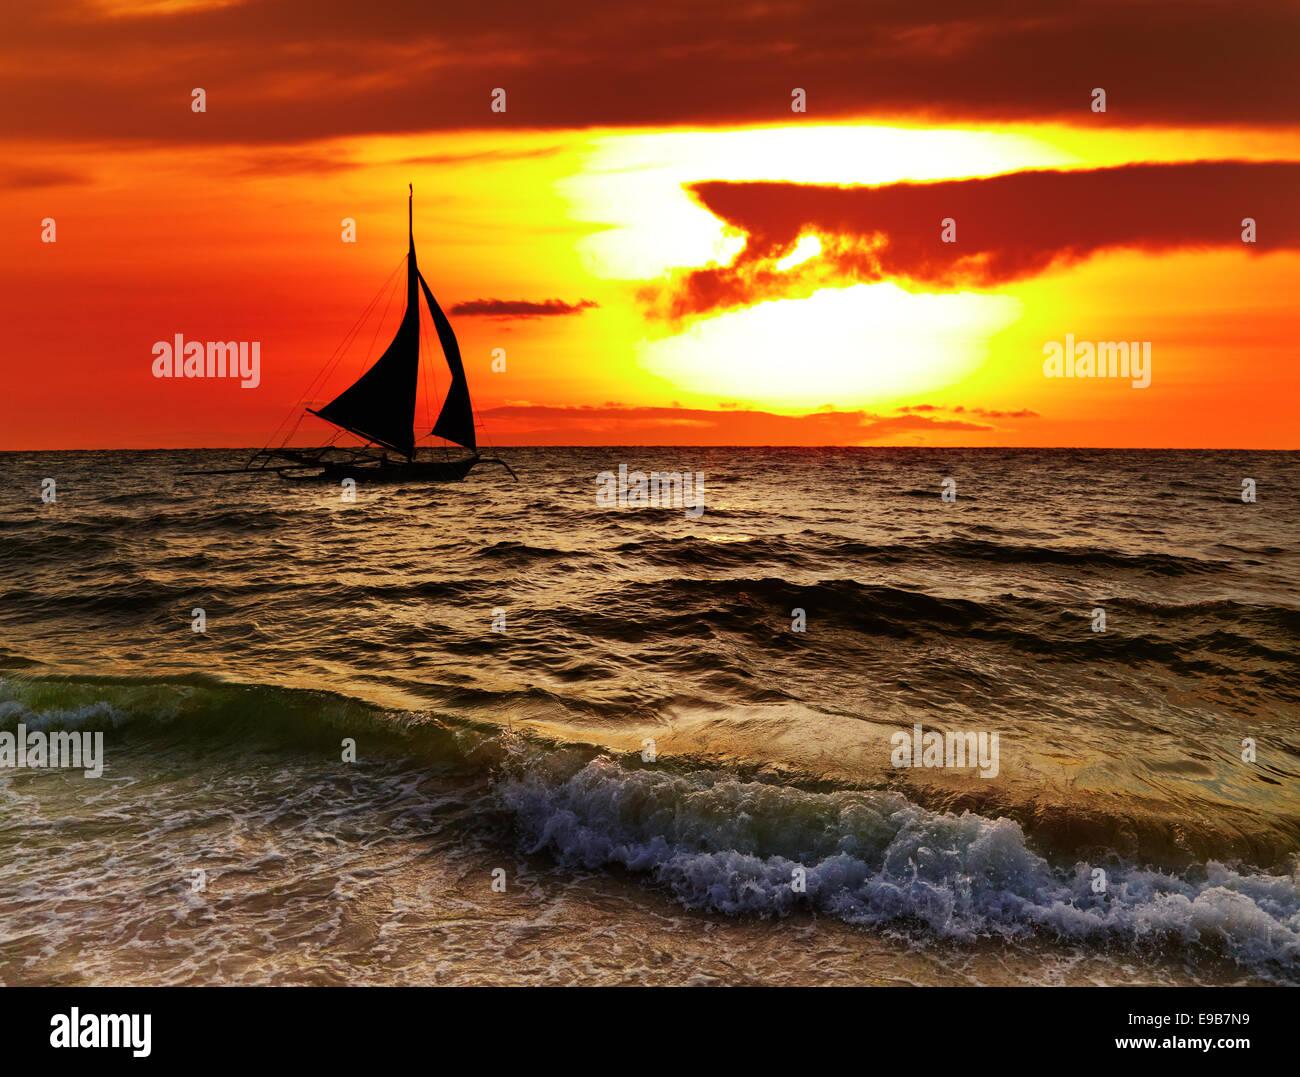 Tramonto tropicale con barca a vela, Boracay, Filippine Immagini Stock